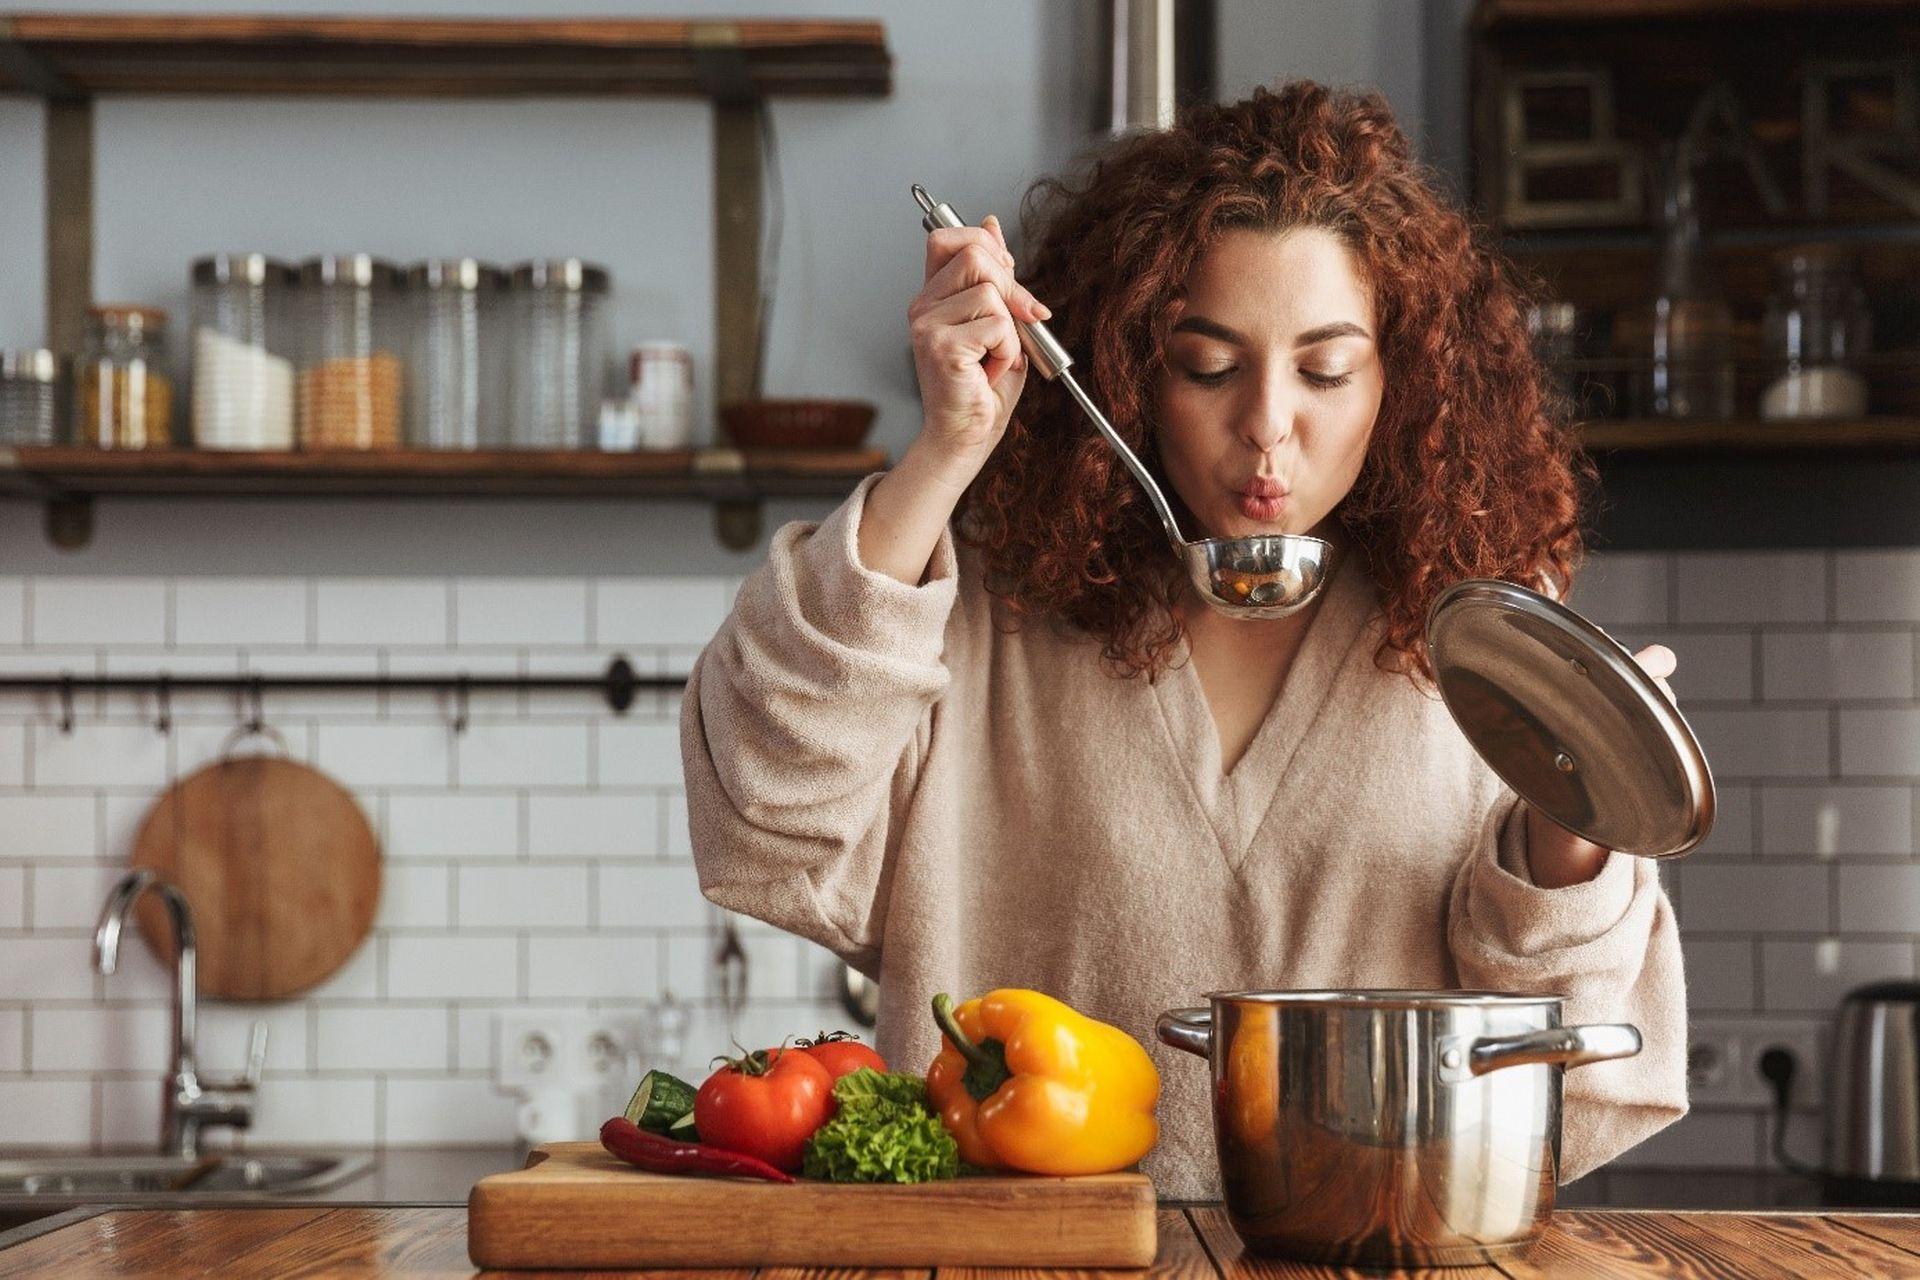 Zupy warzywne w diecie dr Dąbrowskiej - jakie warzywa wybierać, aby nie doprowadzić do niedoboru pokarmowego?